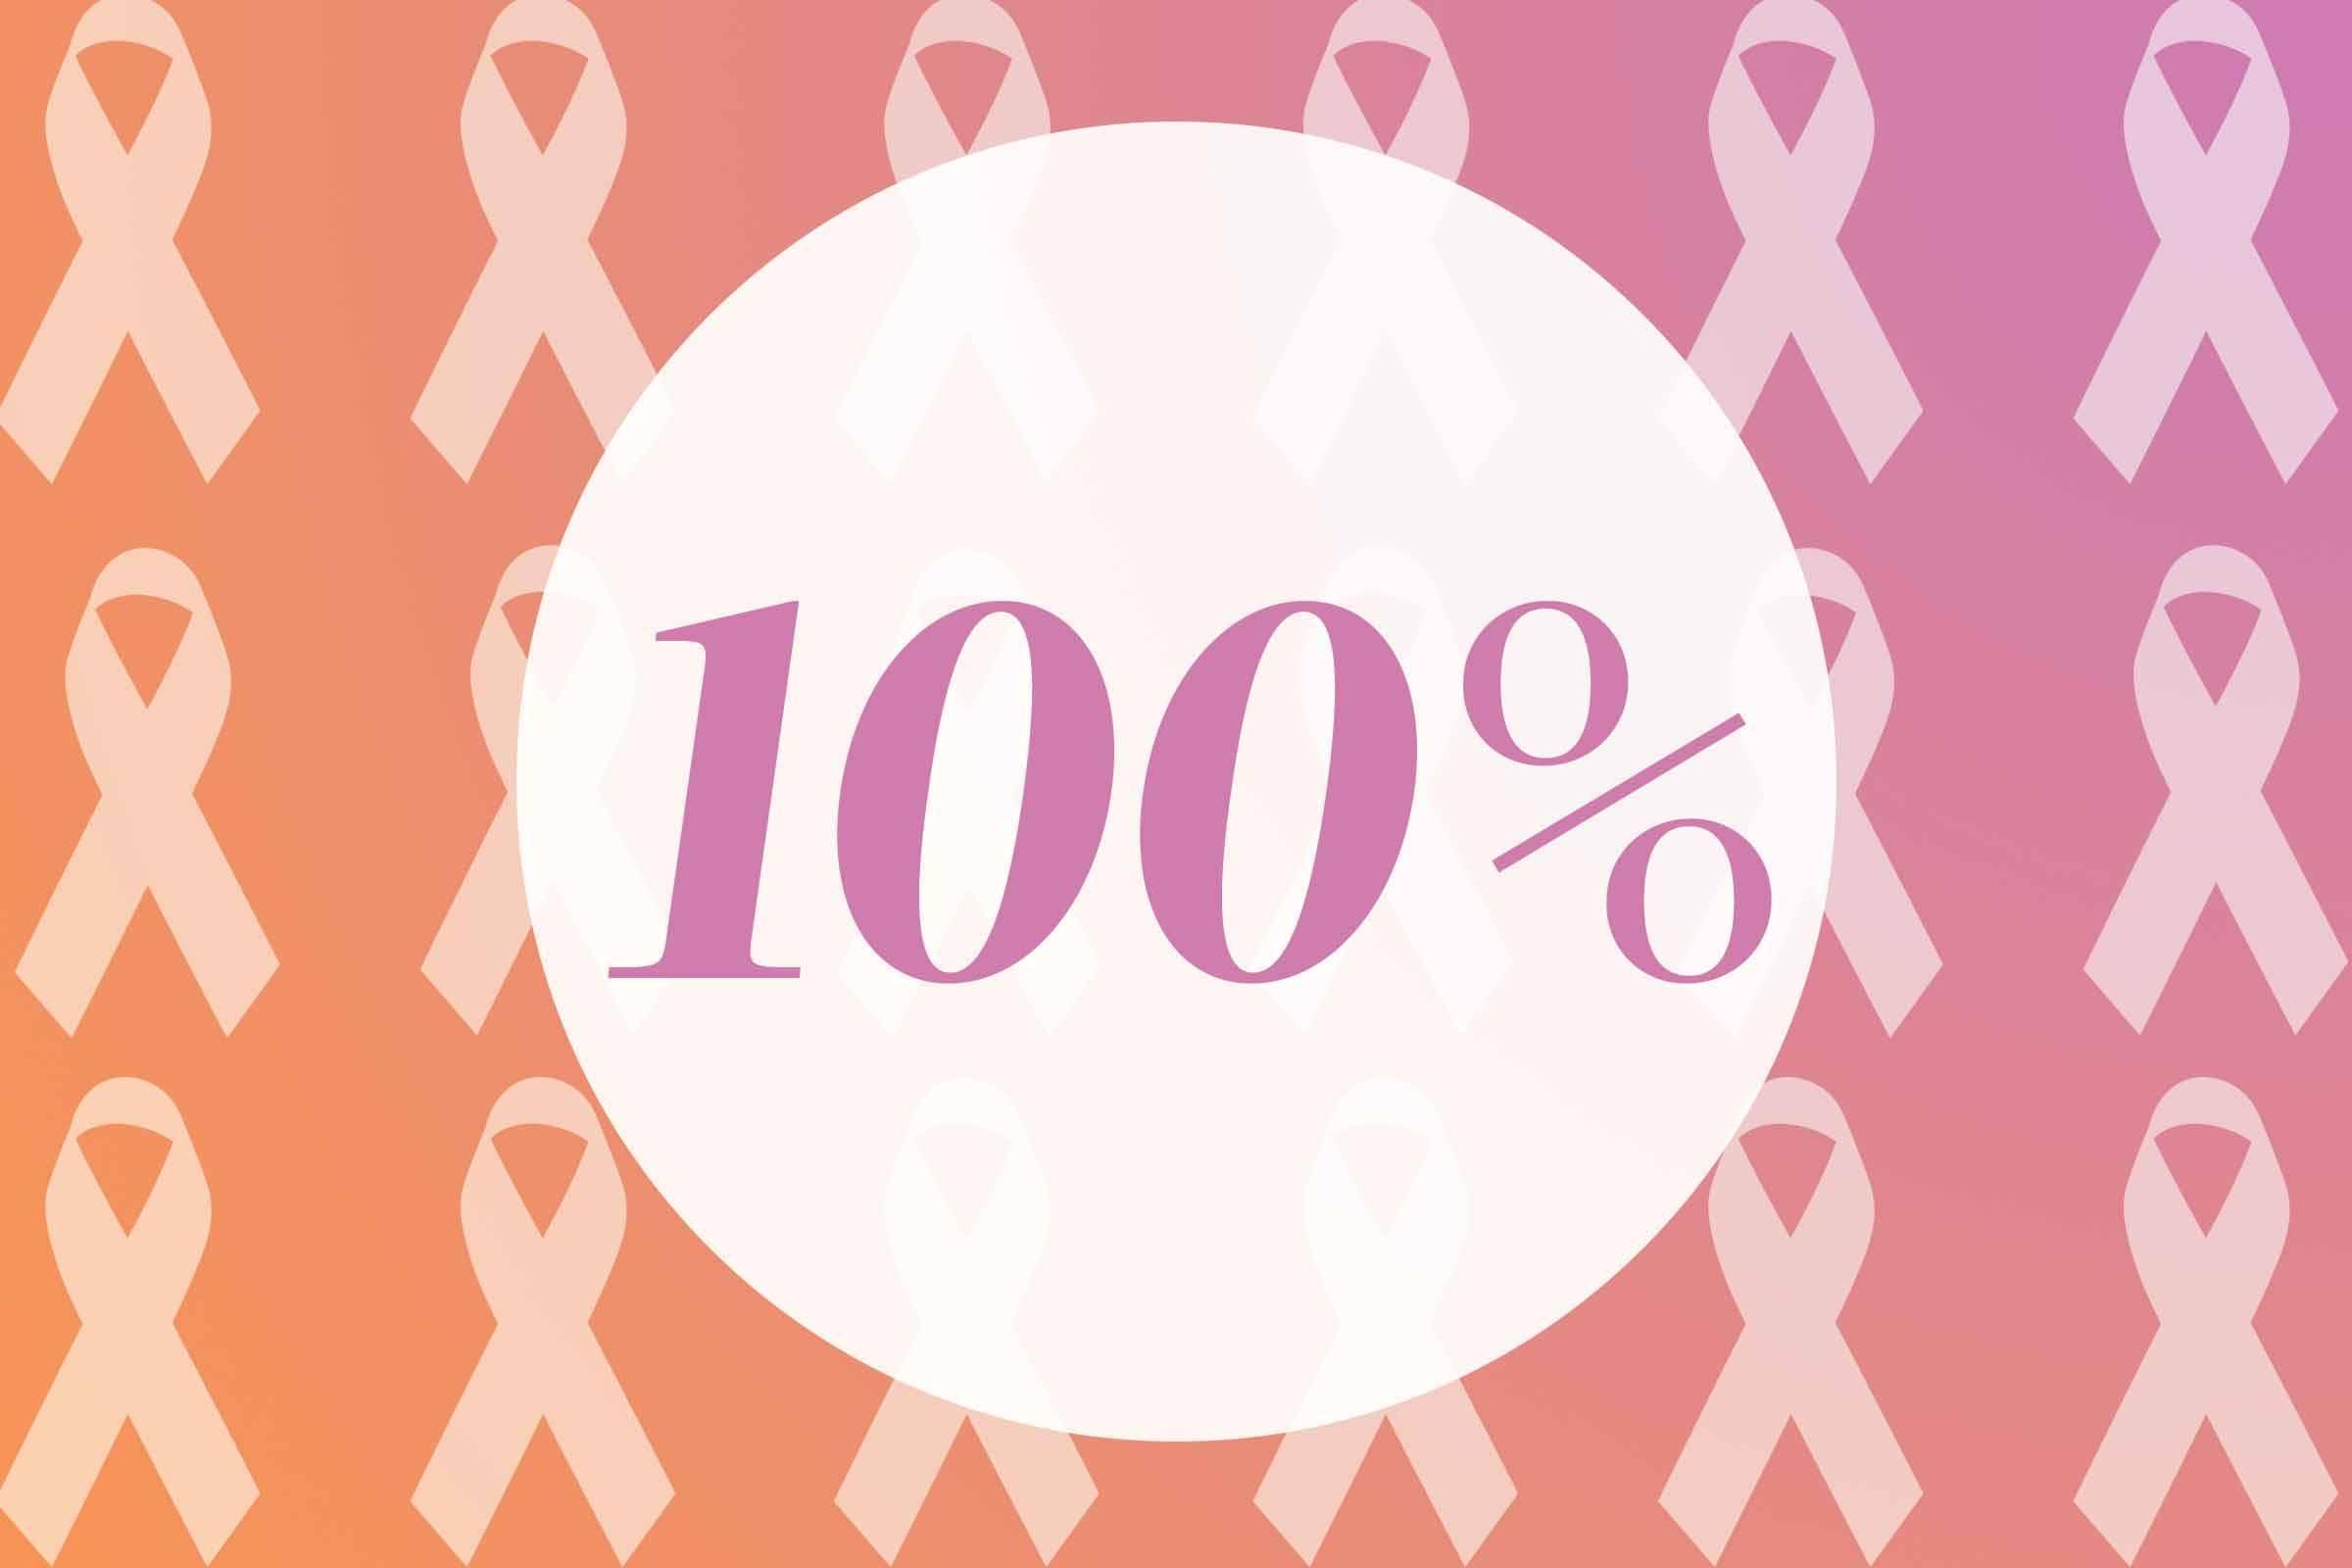 Обнадеживая статистика о раке, которая заставляет верить в лучшее